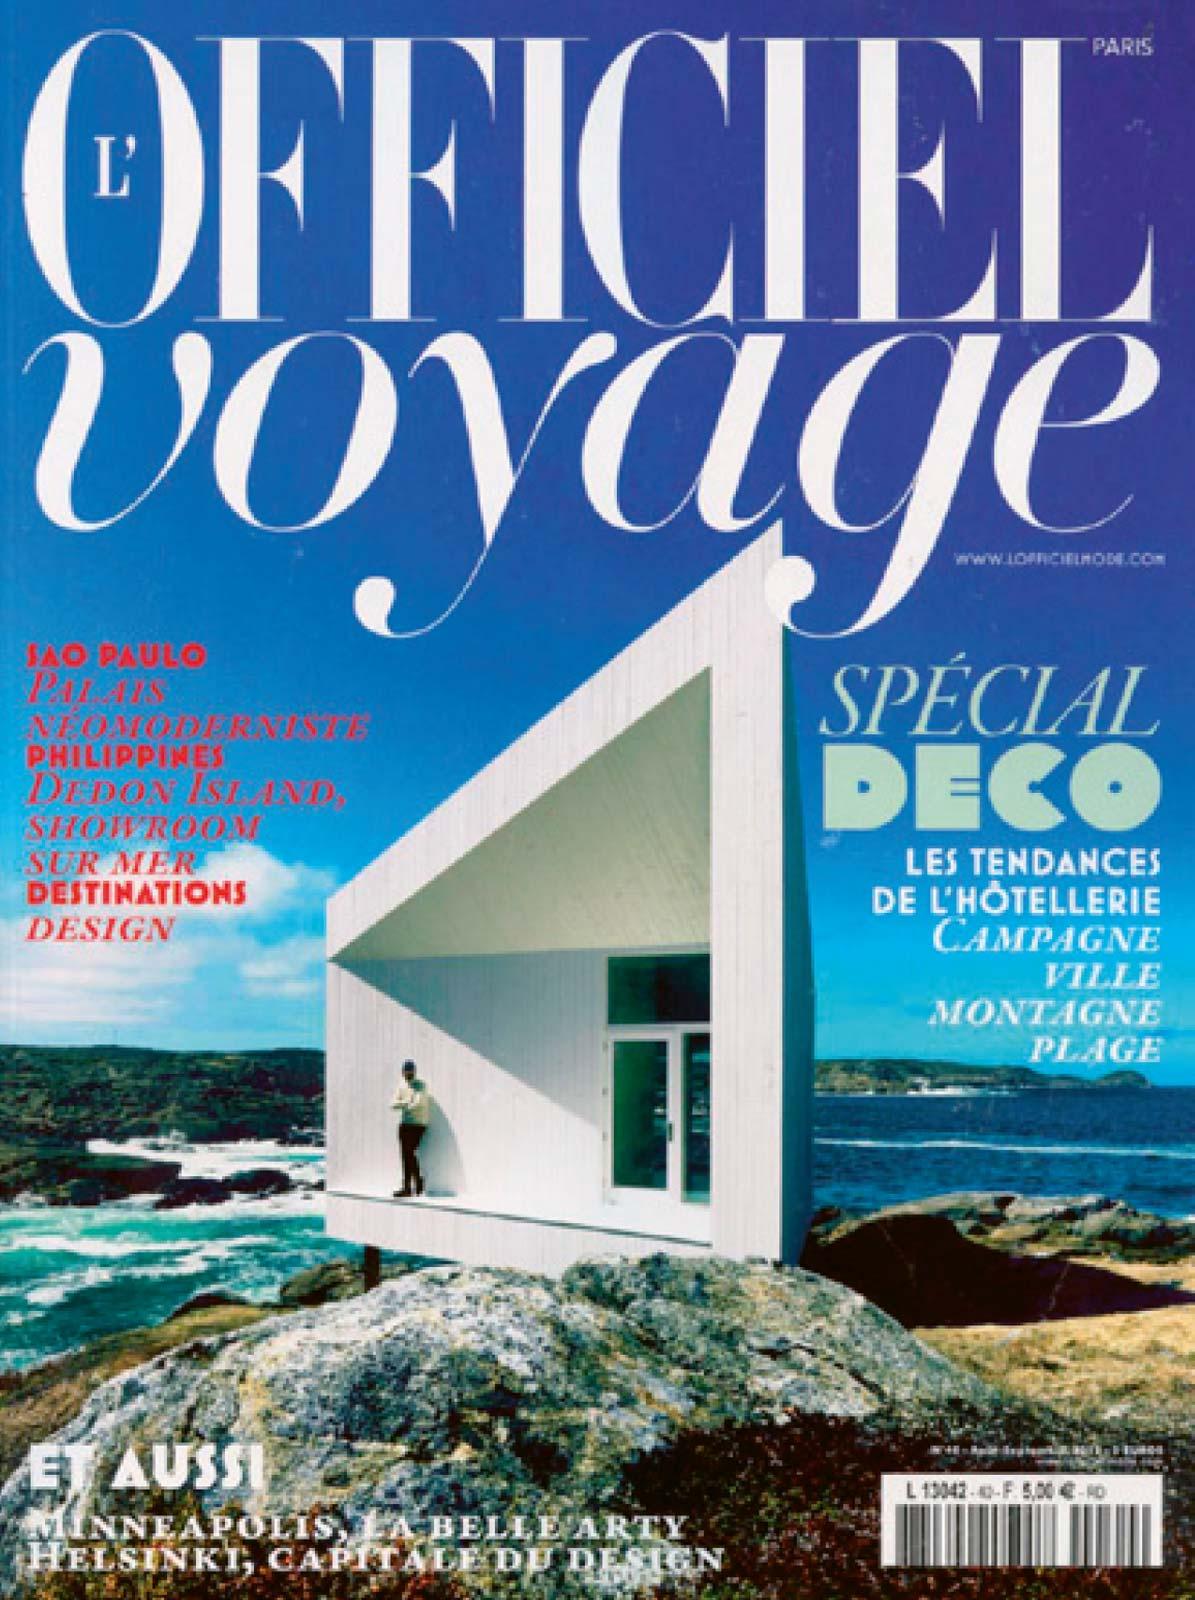 L'Officiel Voyage